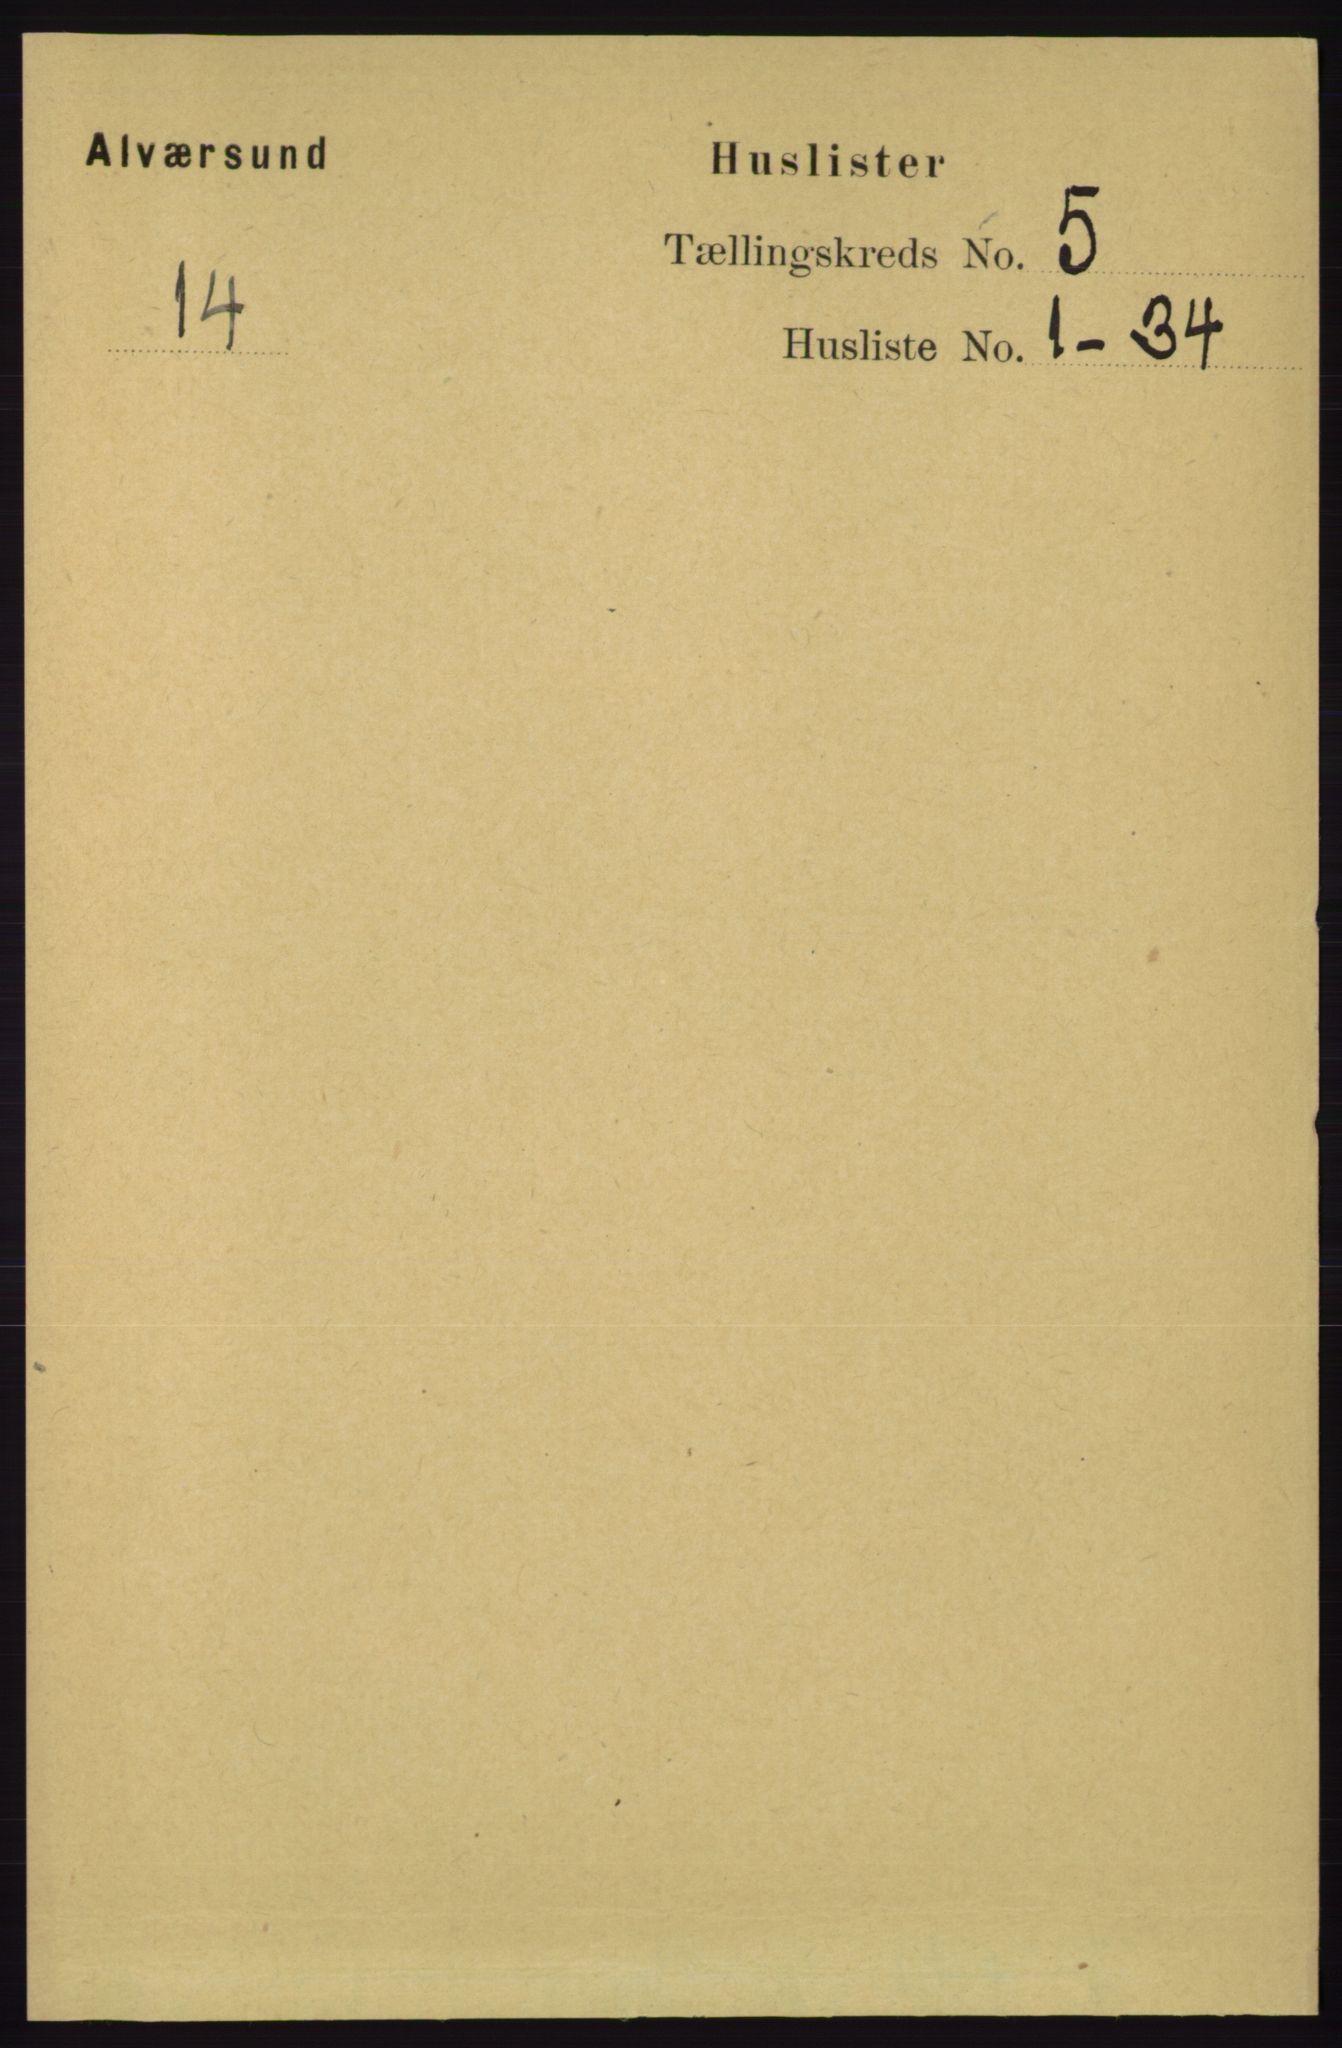 RA, Folketelling 1891 for 1257 Alversund herred, 1891, s. 1756